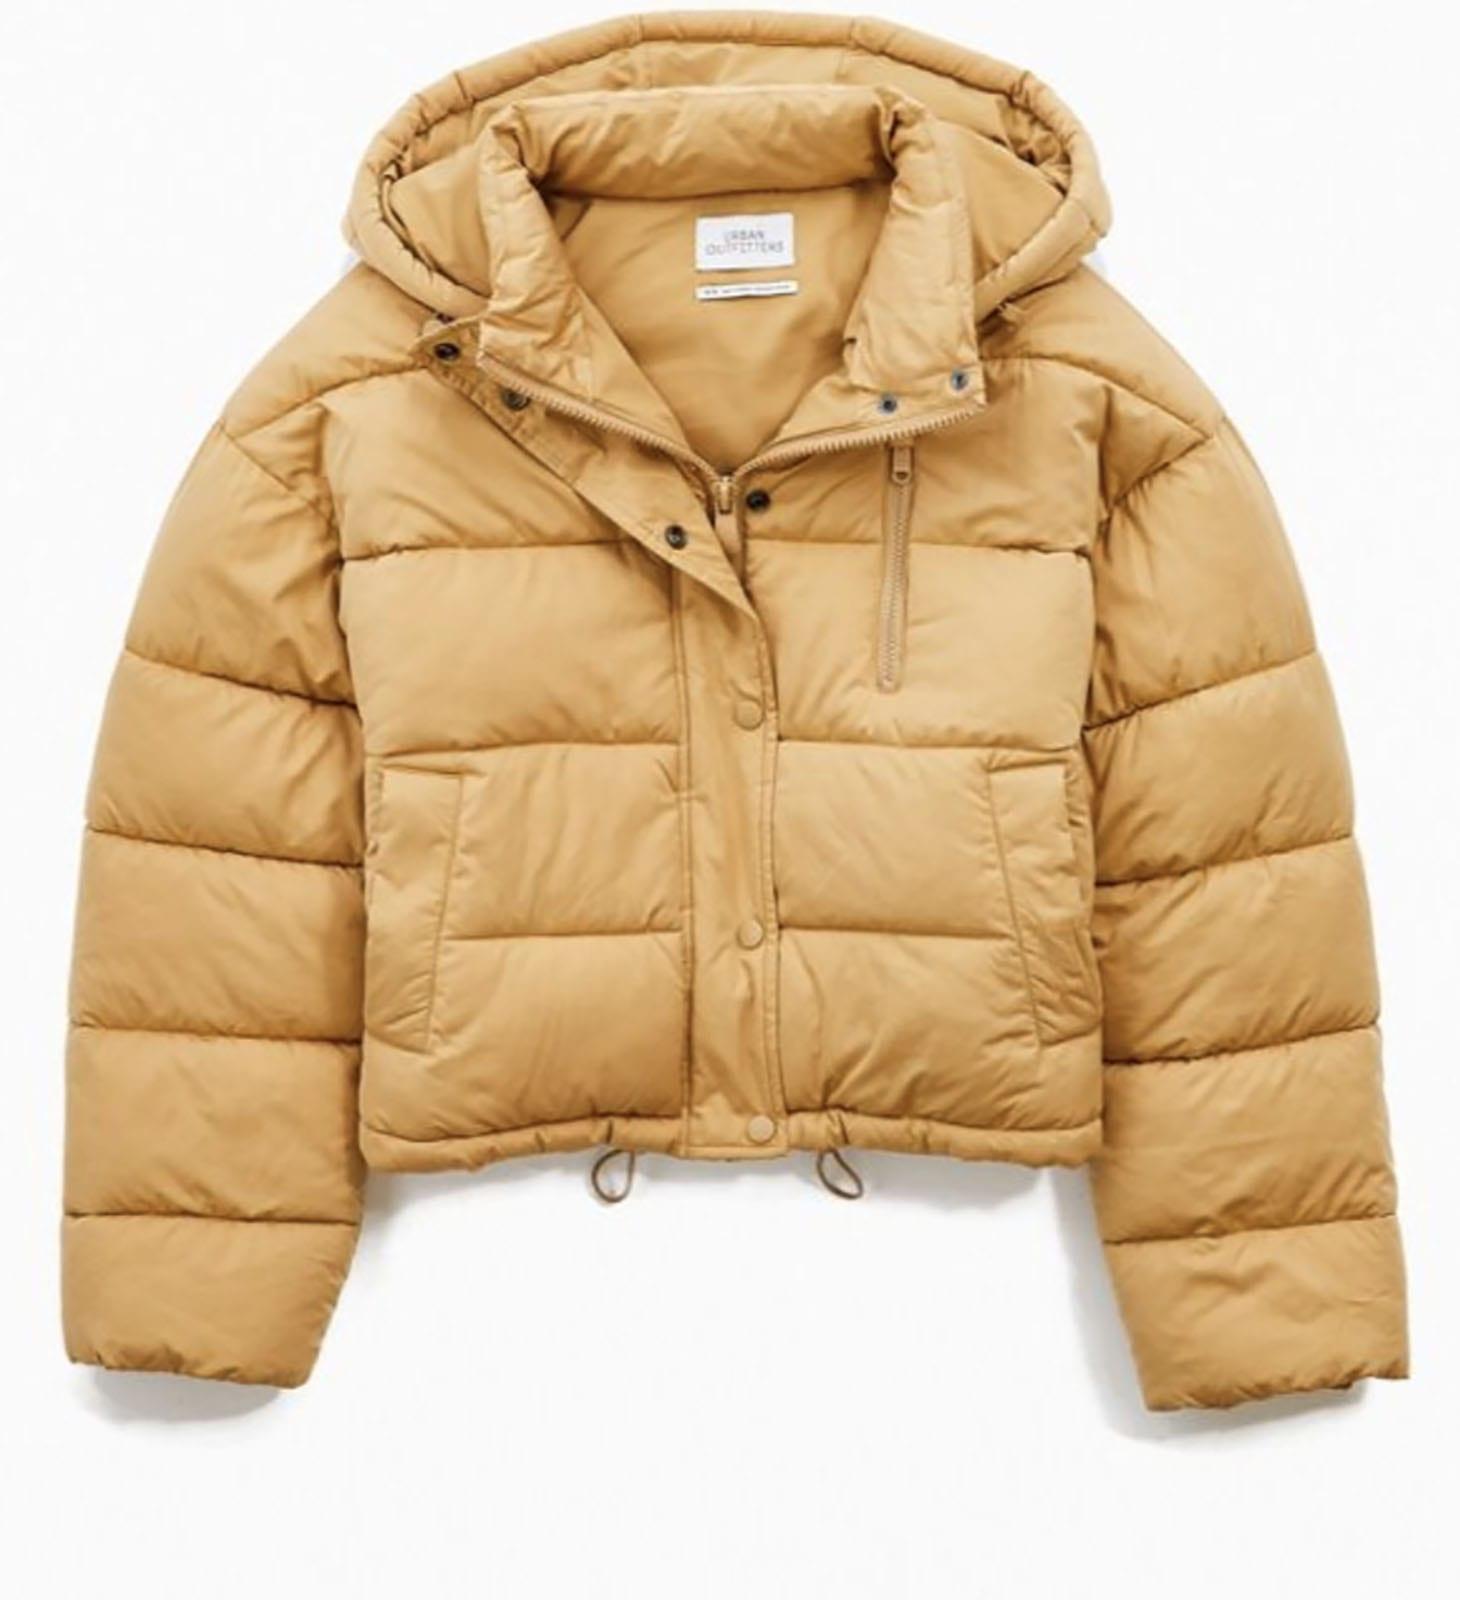 Jillian Harris Winter Coat Blog